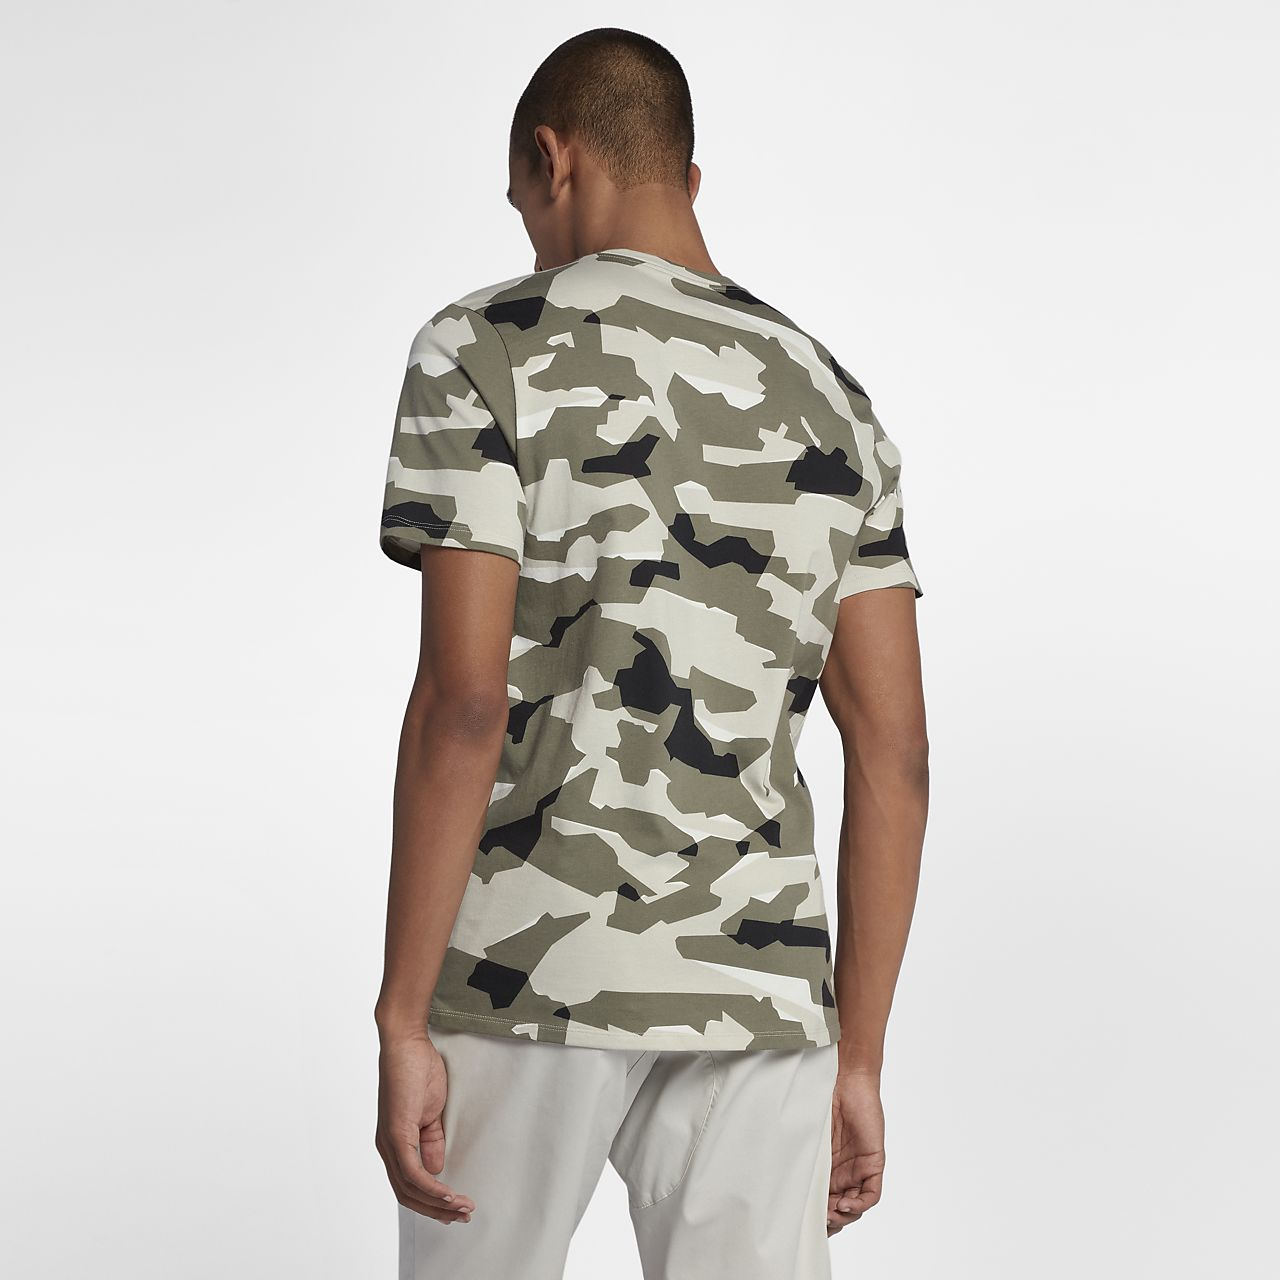 nike herren shirt camouflage